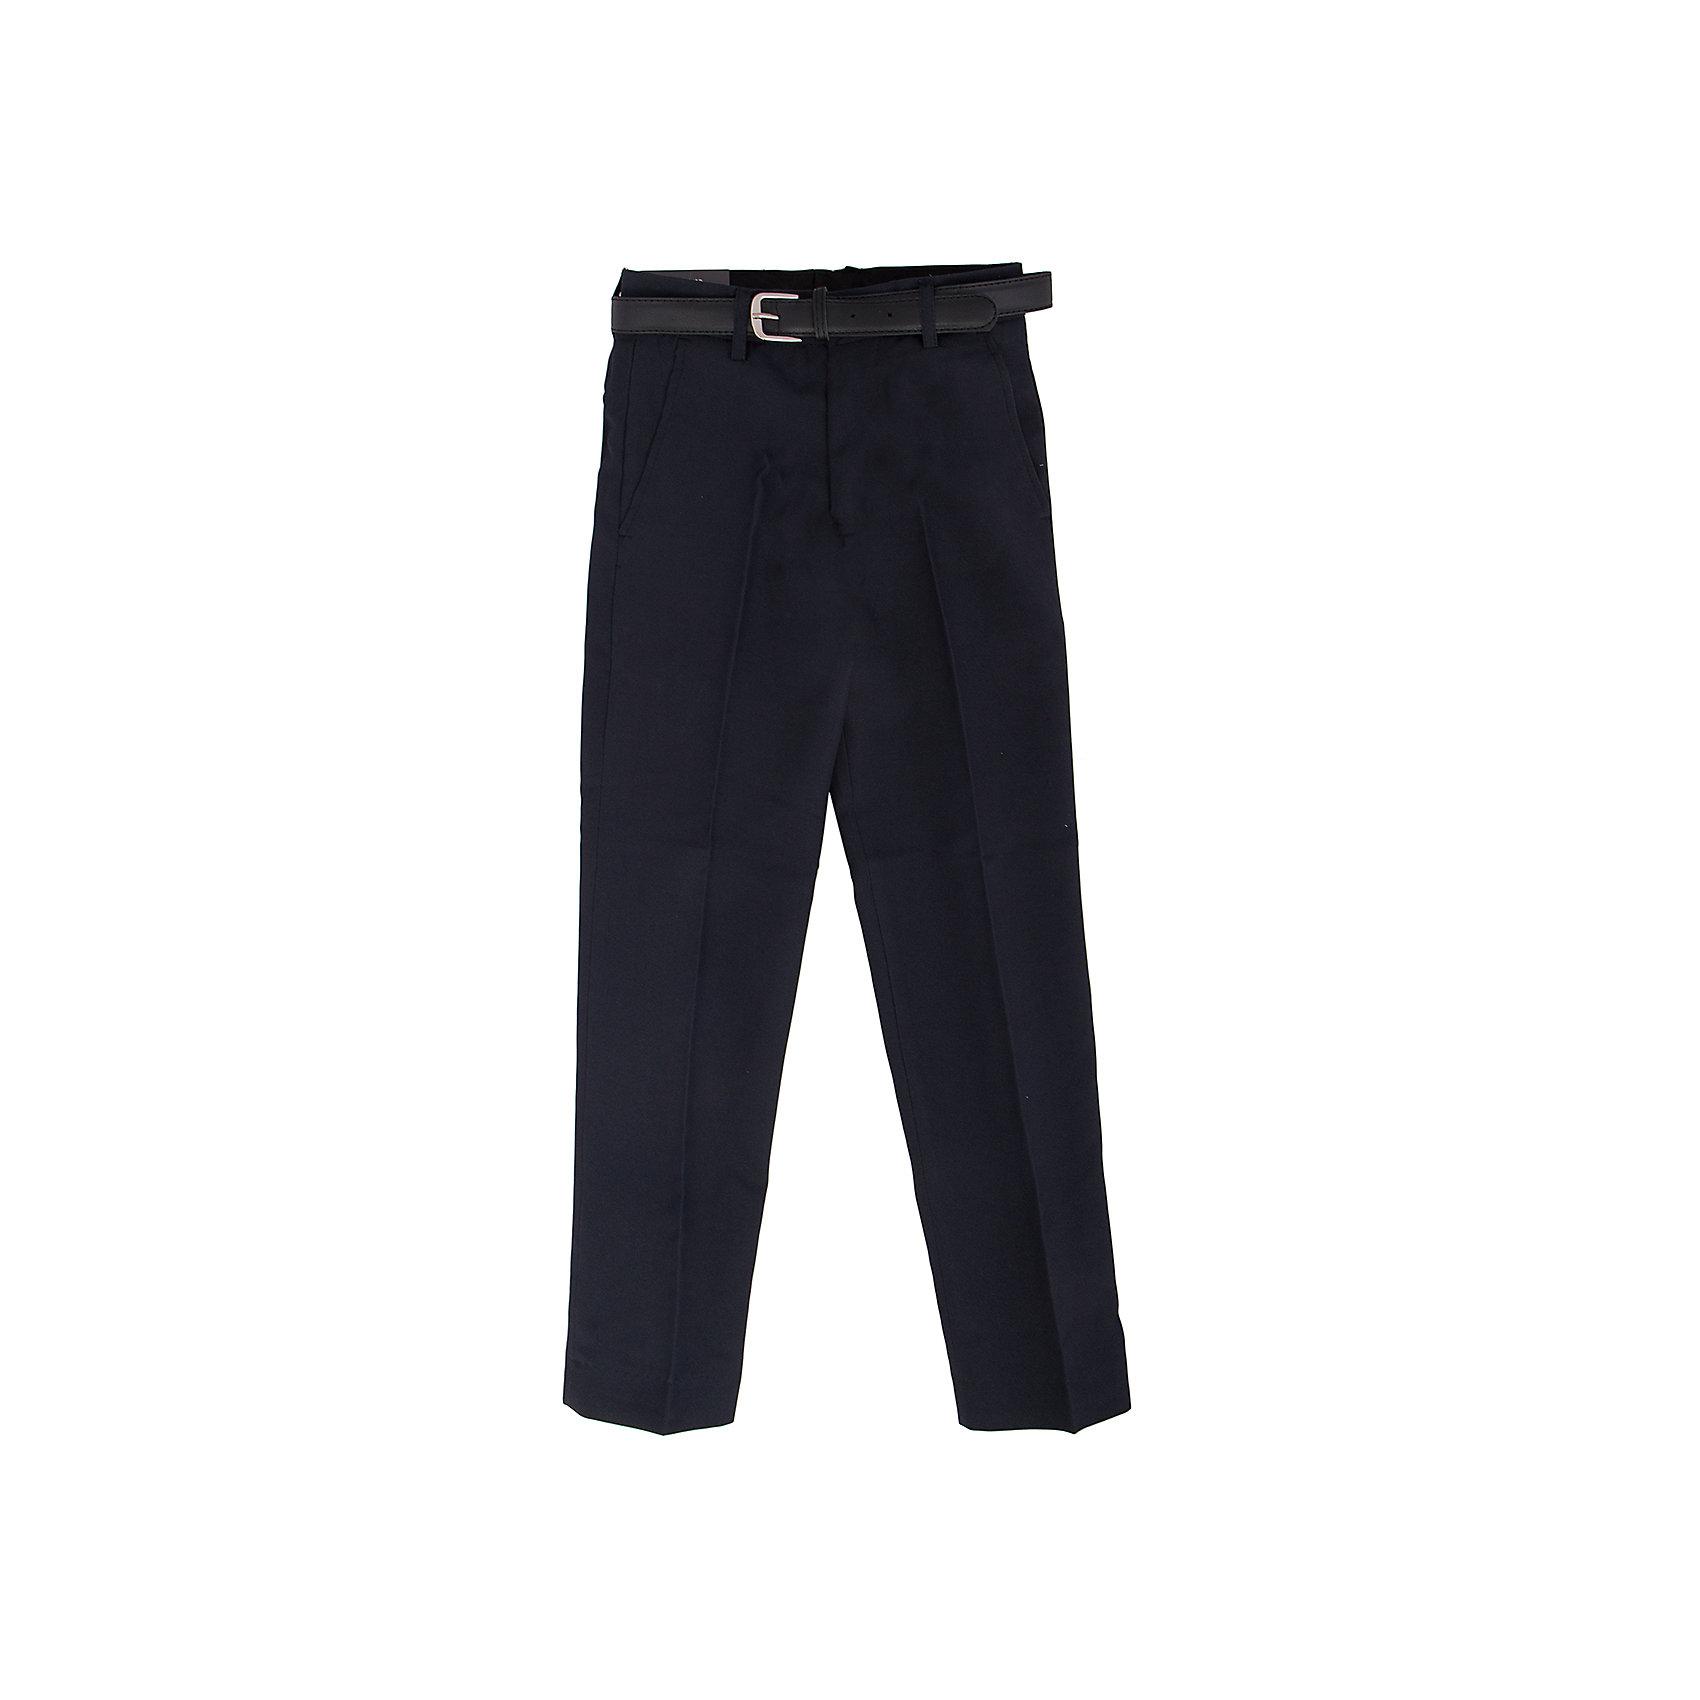 Брюки для мальчика ImperatorУдобные свободные брюки - хороший вариант на каждый день. Состав 60% вискоза, 40% п/э<br><br>Ширина мм: 215<br>Глубина мм: 88<br>Высота мм: 191<br>Вес г: 336<br>Цвет: синий<br>Возраст от месяцев: 156<br>Возраст до месяцев: 168<br>Пол: Мужской<br>Возраст: Детский<br>Размер: 164,128,134,146,152,158<br>SKU: 4749261